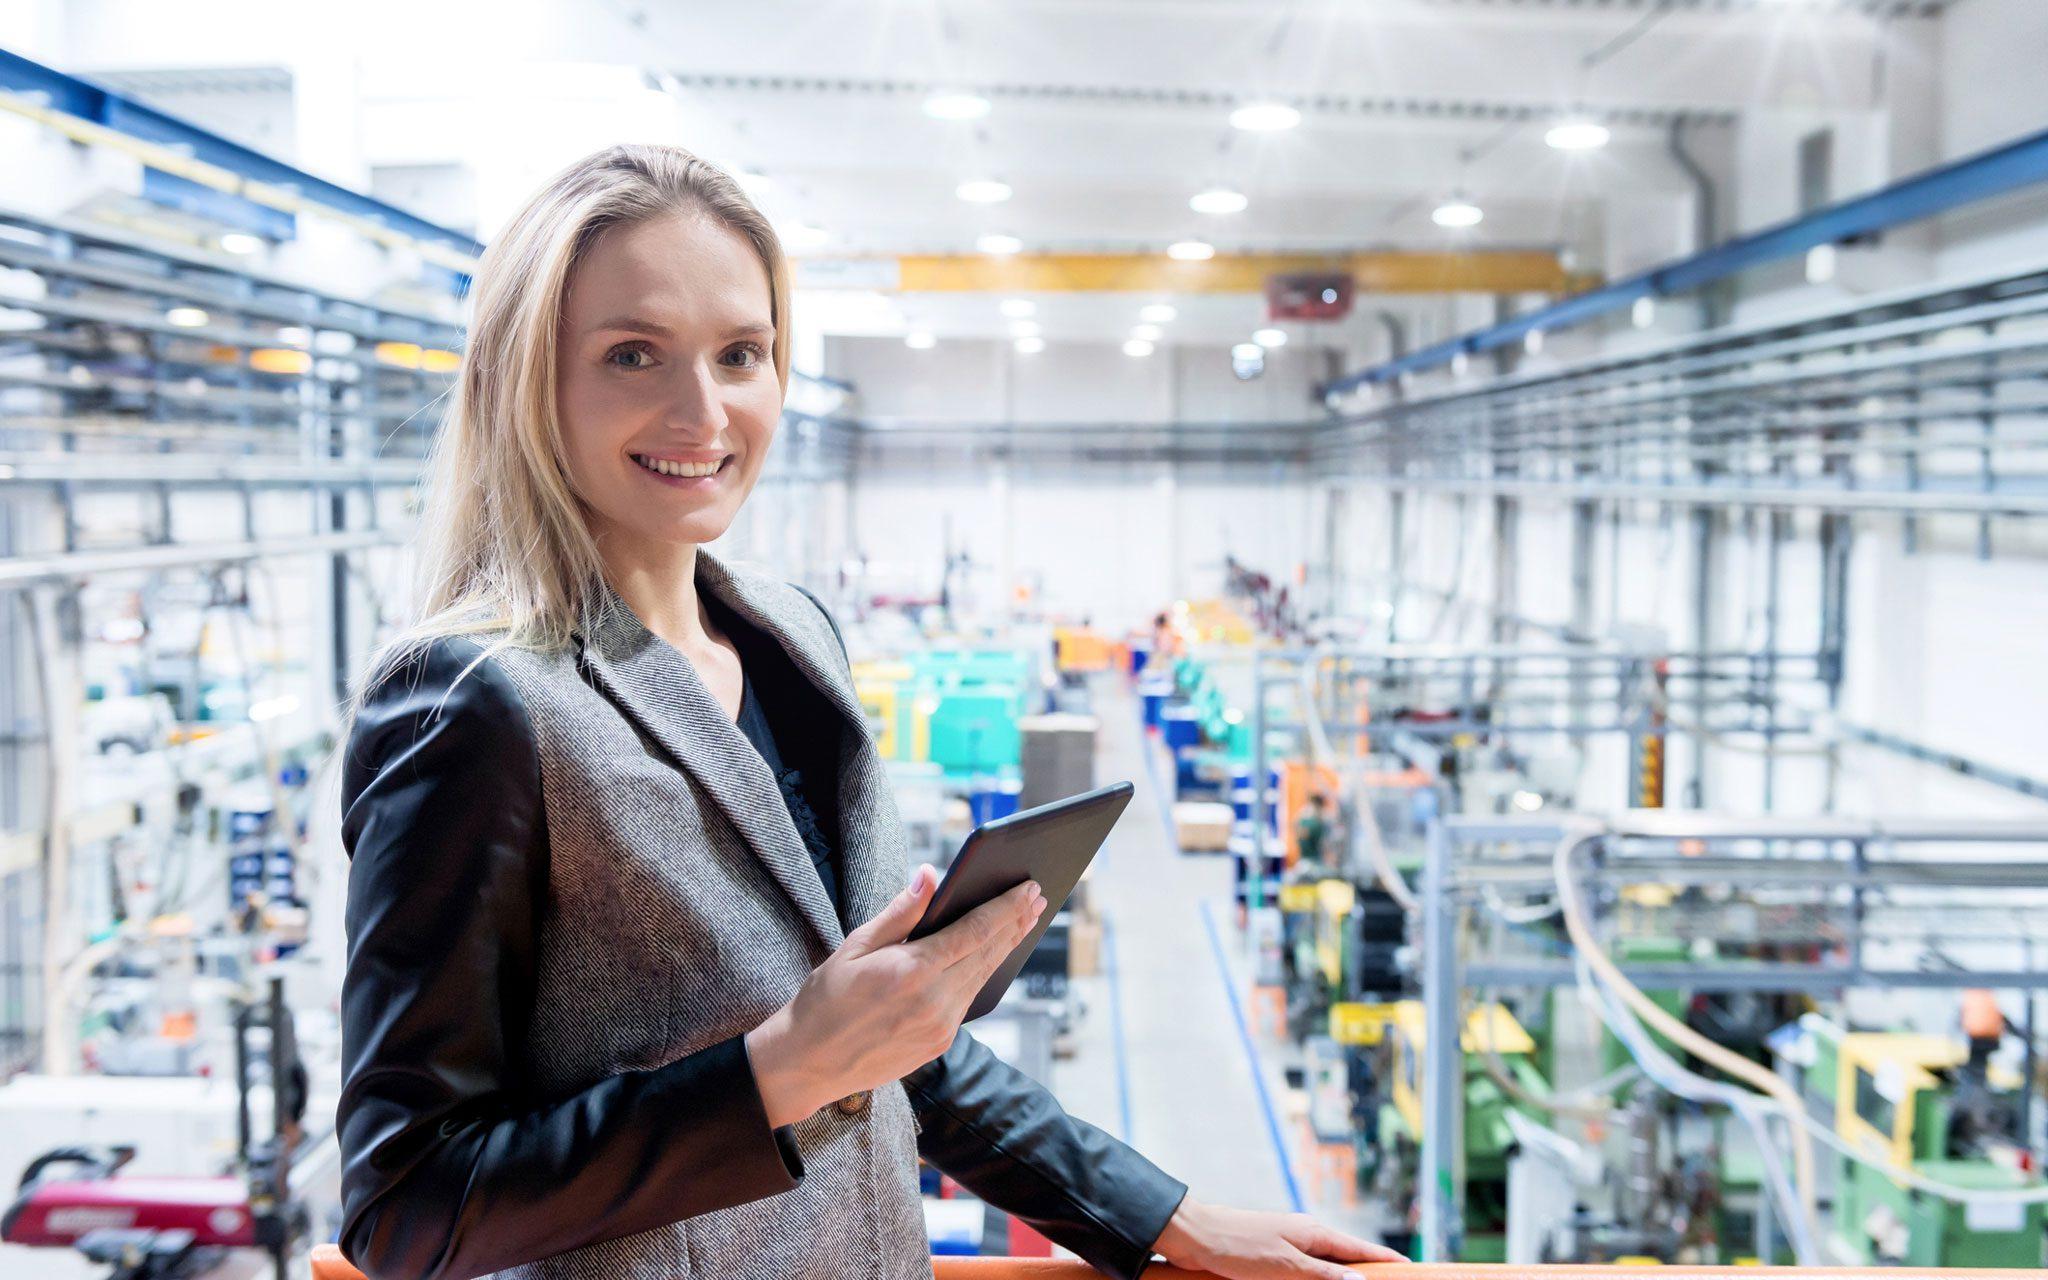 Kunststoffproduktion, Frau mit Tablet